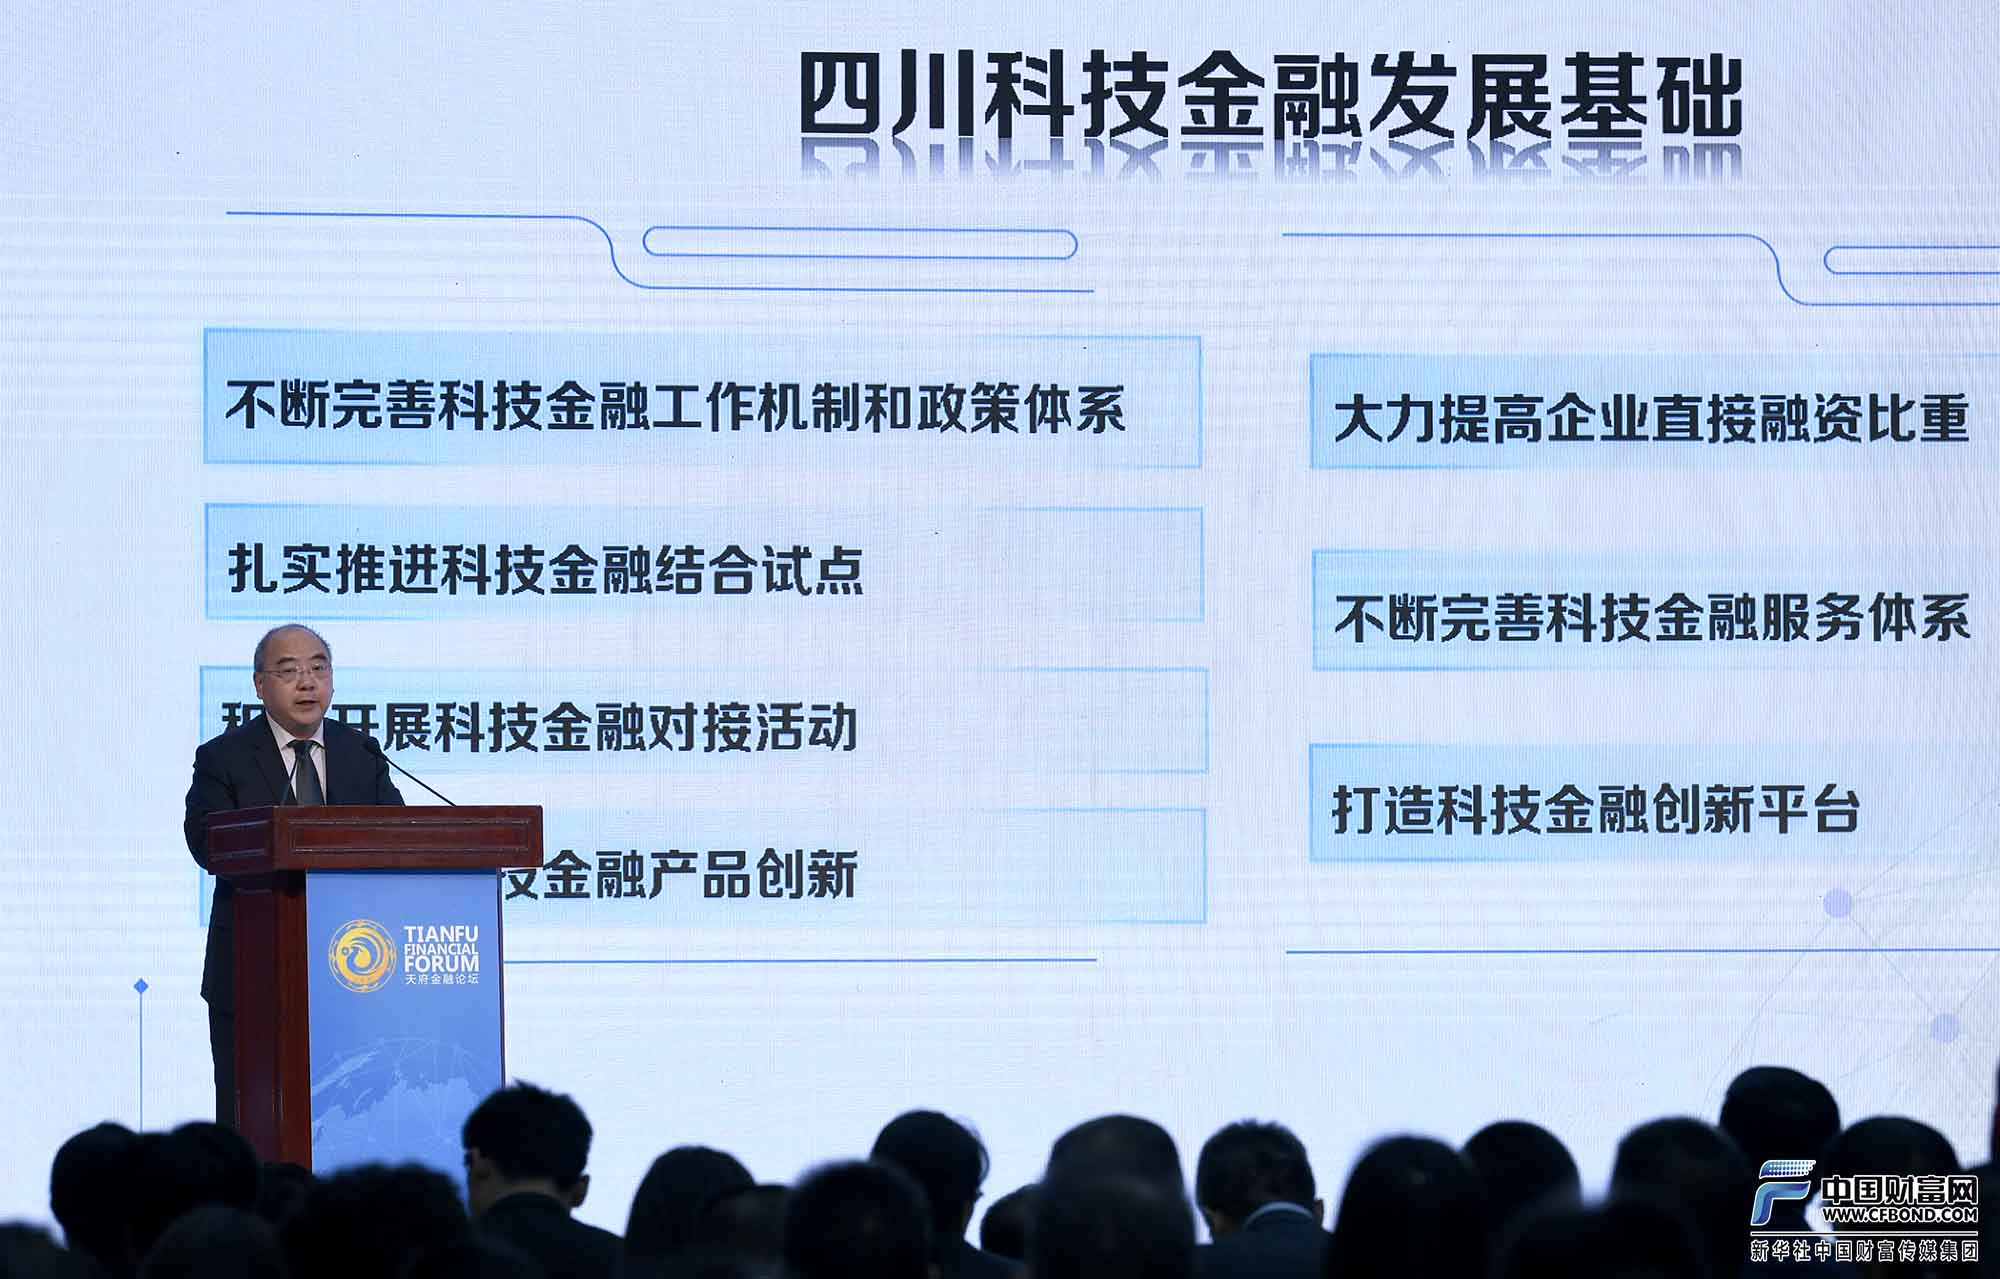 四川省科技厅厅长刘东发布《四川省科技金融发展规划(2018—2020年)》